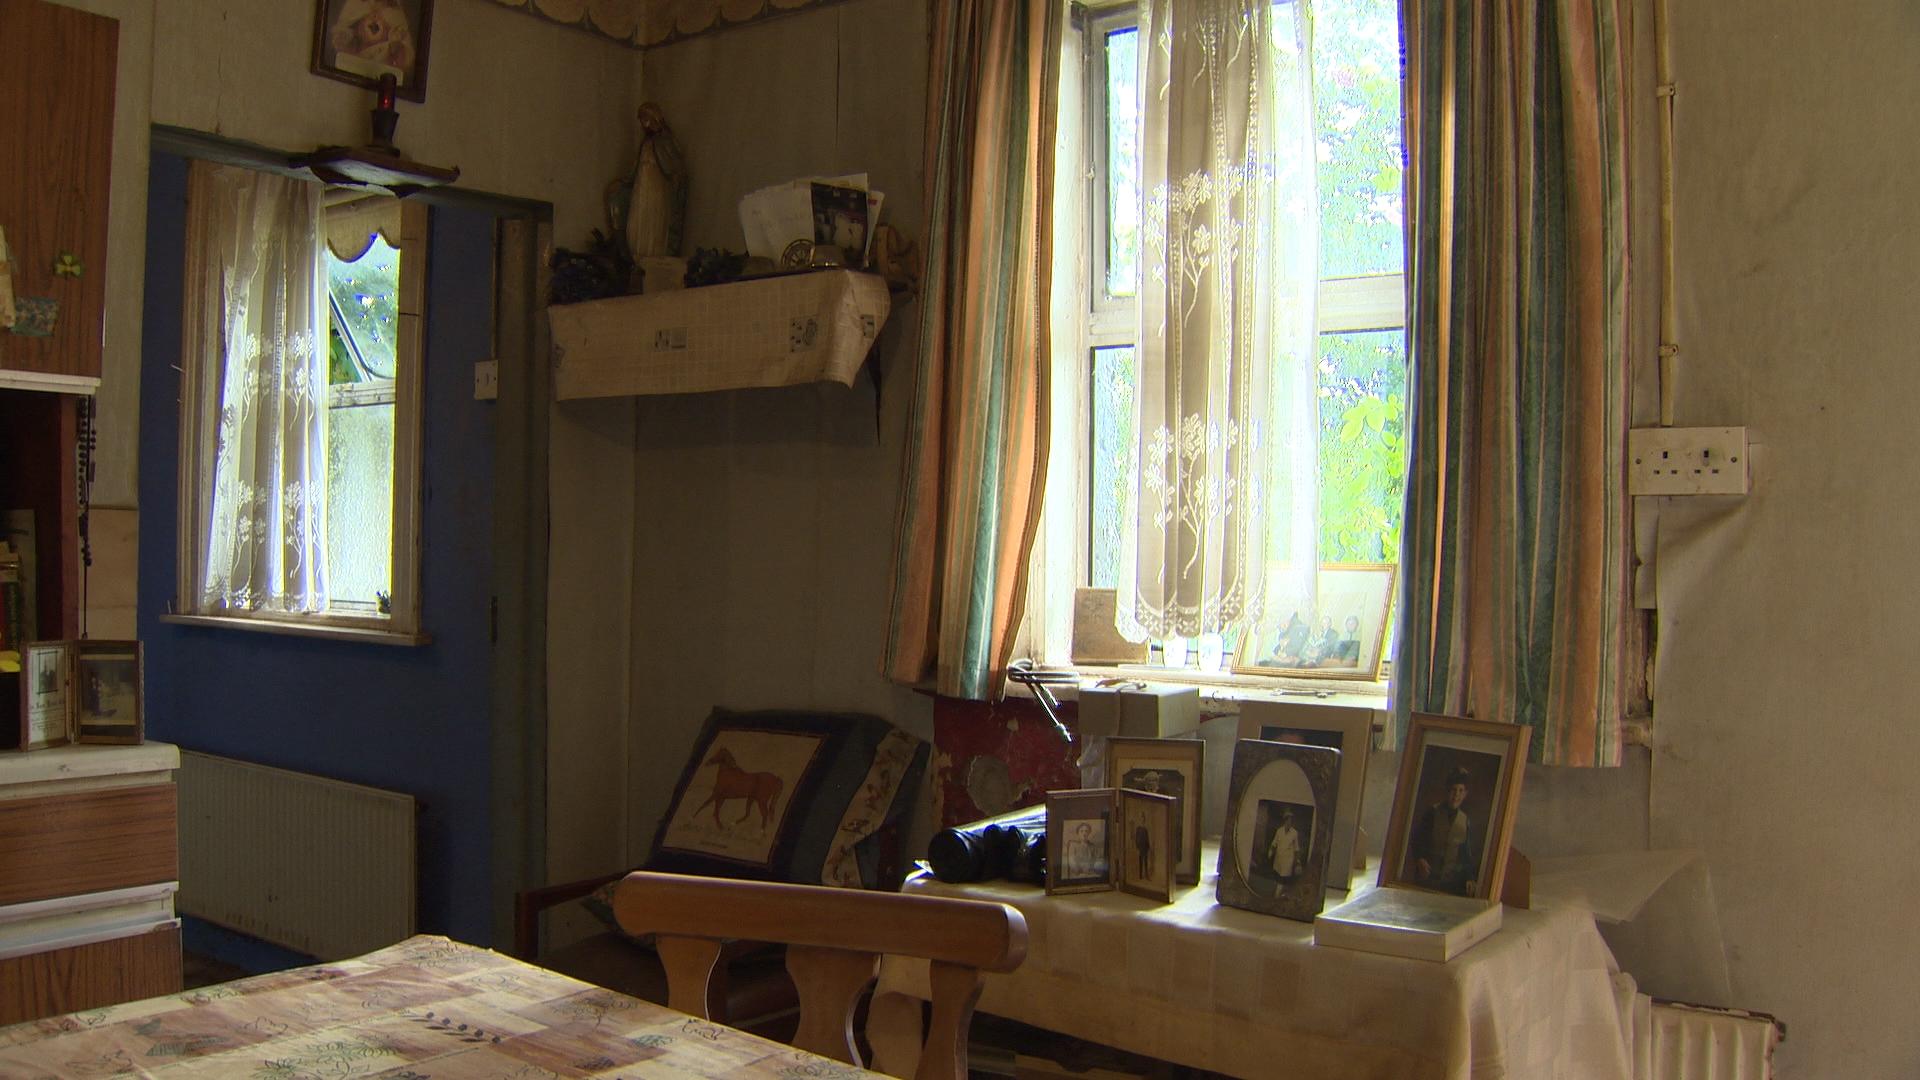 TX5 RTI10 Kildalkey BEFORE Living room.jpg